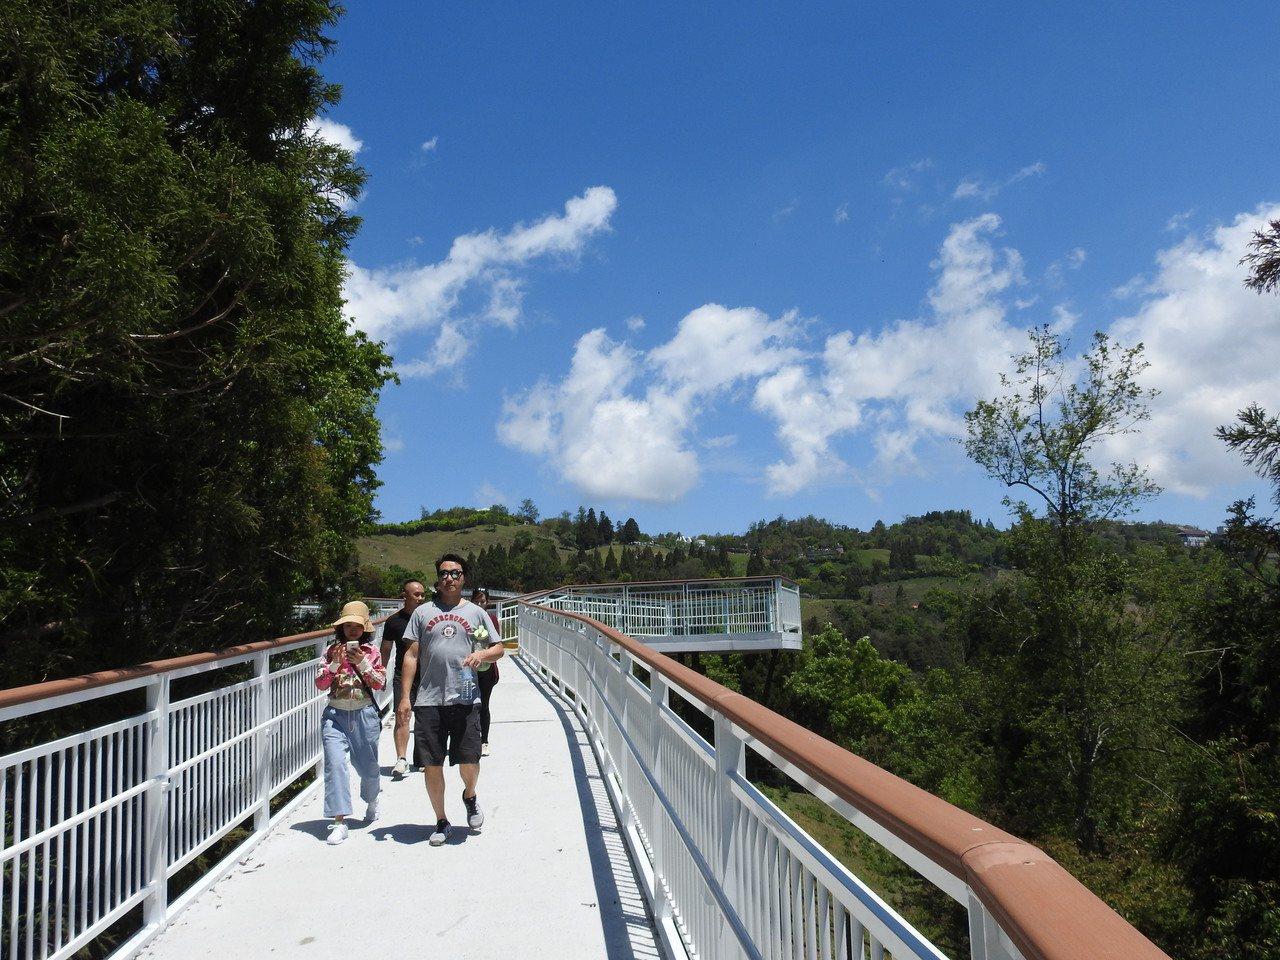 清境高空觀景步道純白蜿蜒,搭配高山綠樹和藍天白雲等景致,令人心曠神怡。記者賴香珊...